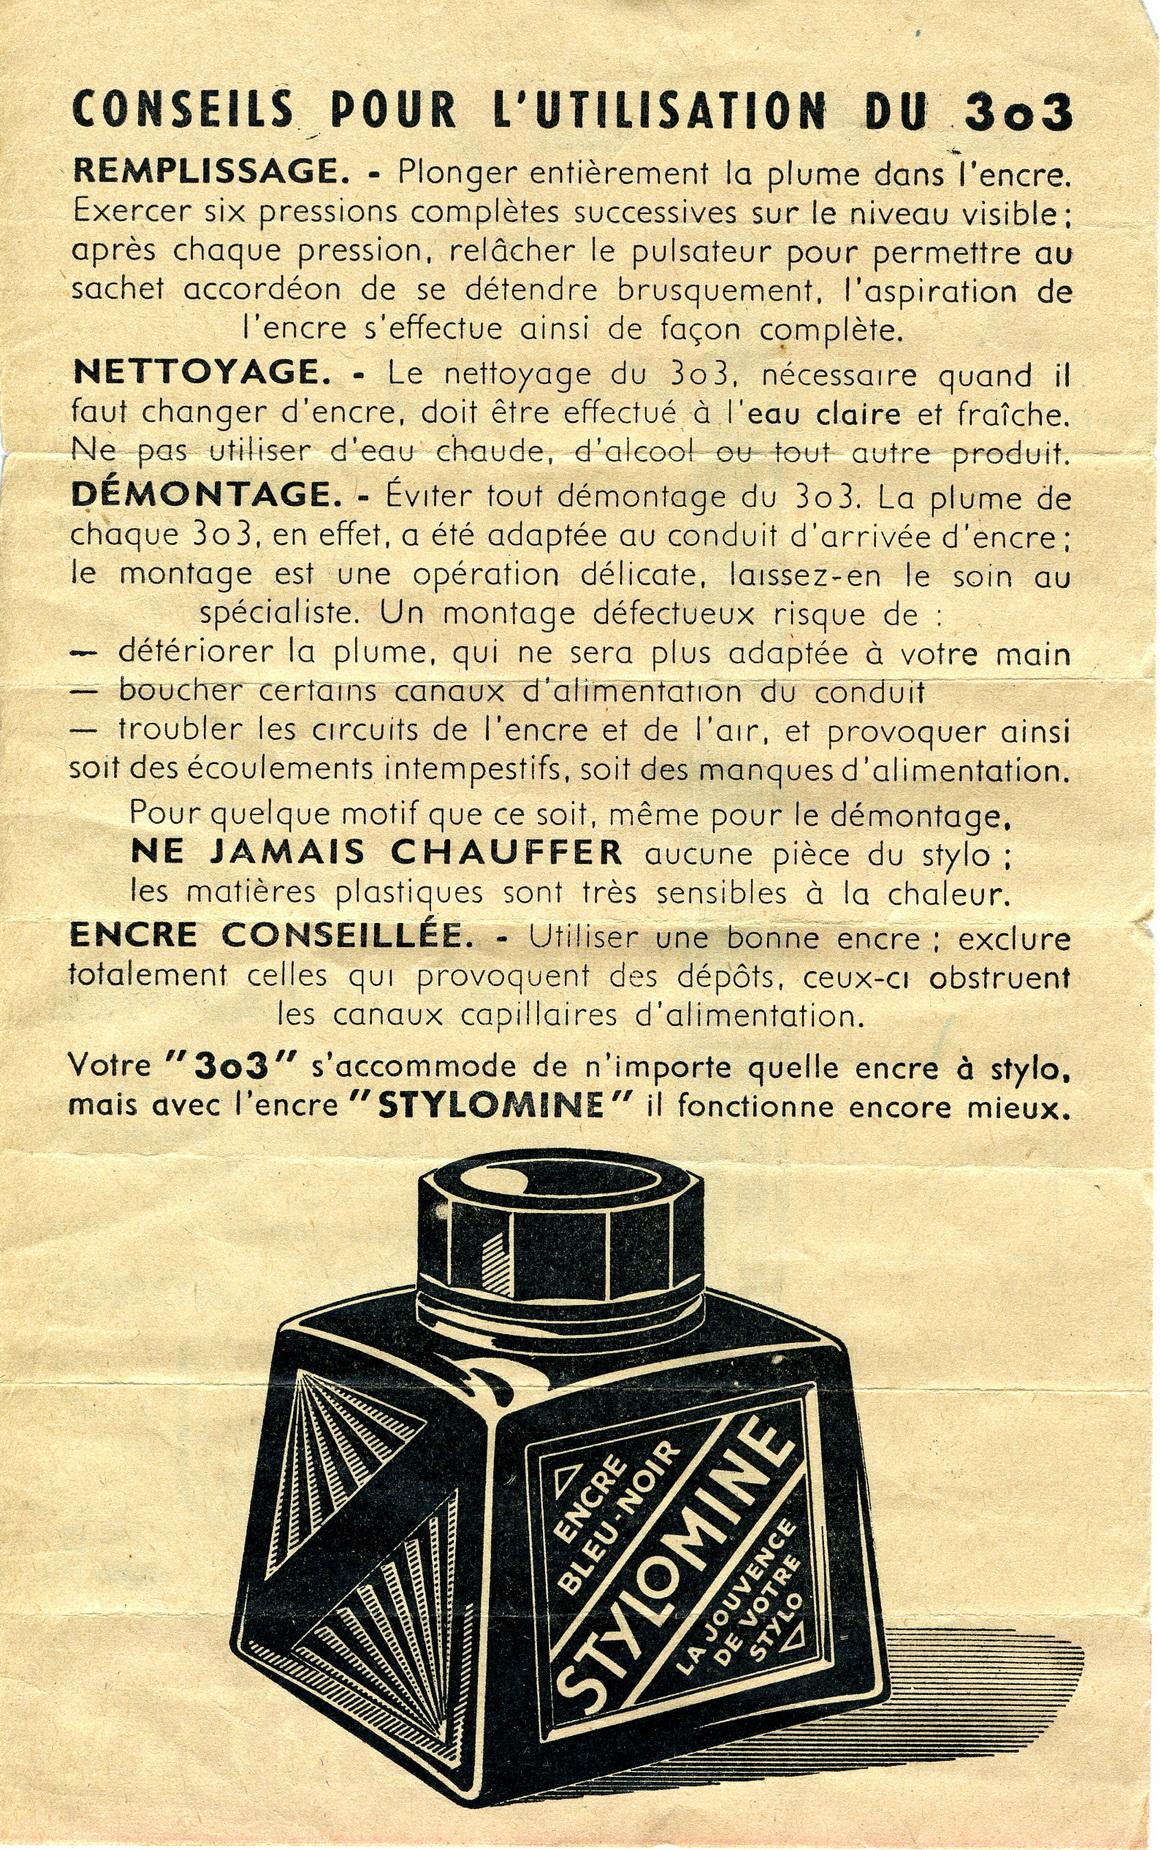 Stylomine 303D 1938 002s.jpg